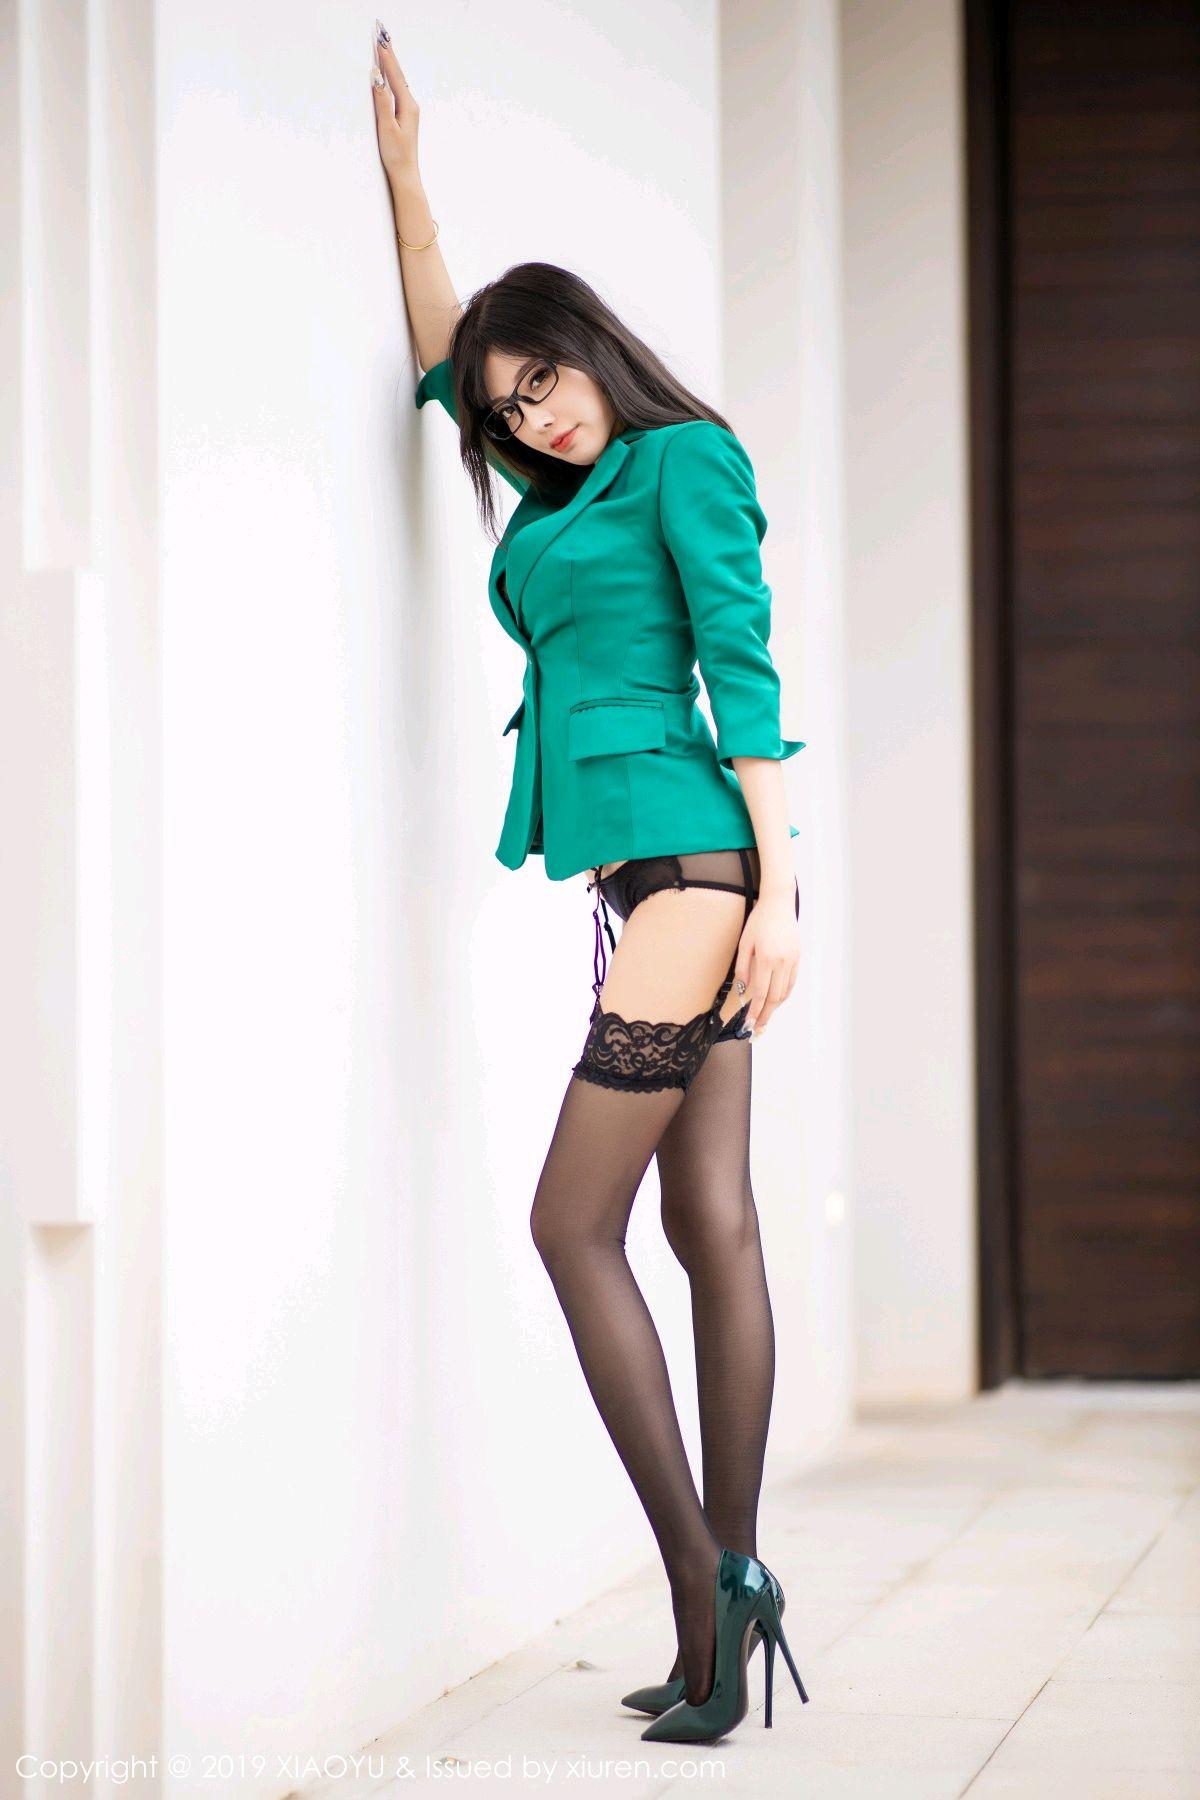 [XiaoYu] Vol.164 Yang Chen Chen 12P, Black Silk, Tall, XiaoYu, Yang Chen Chen